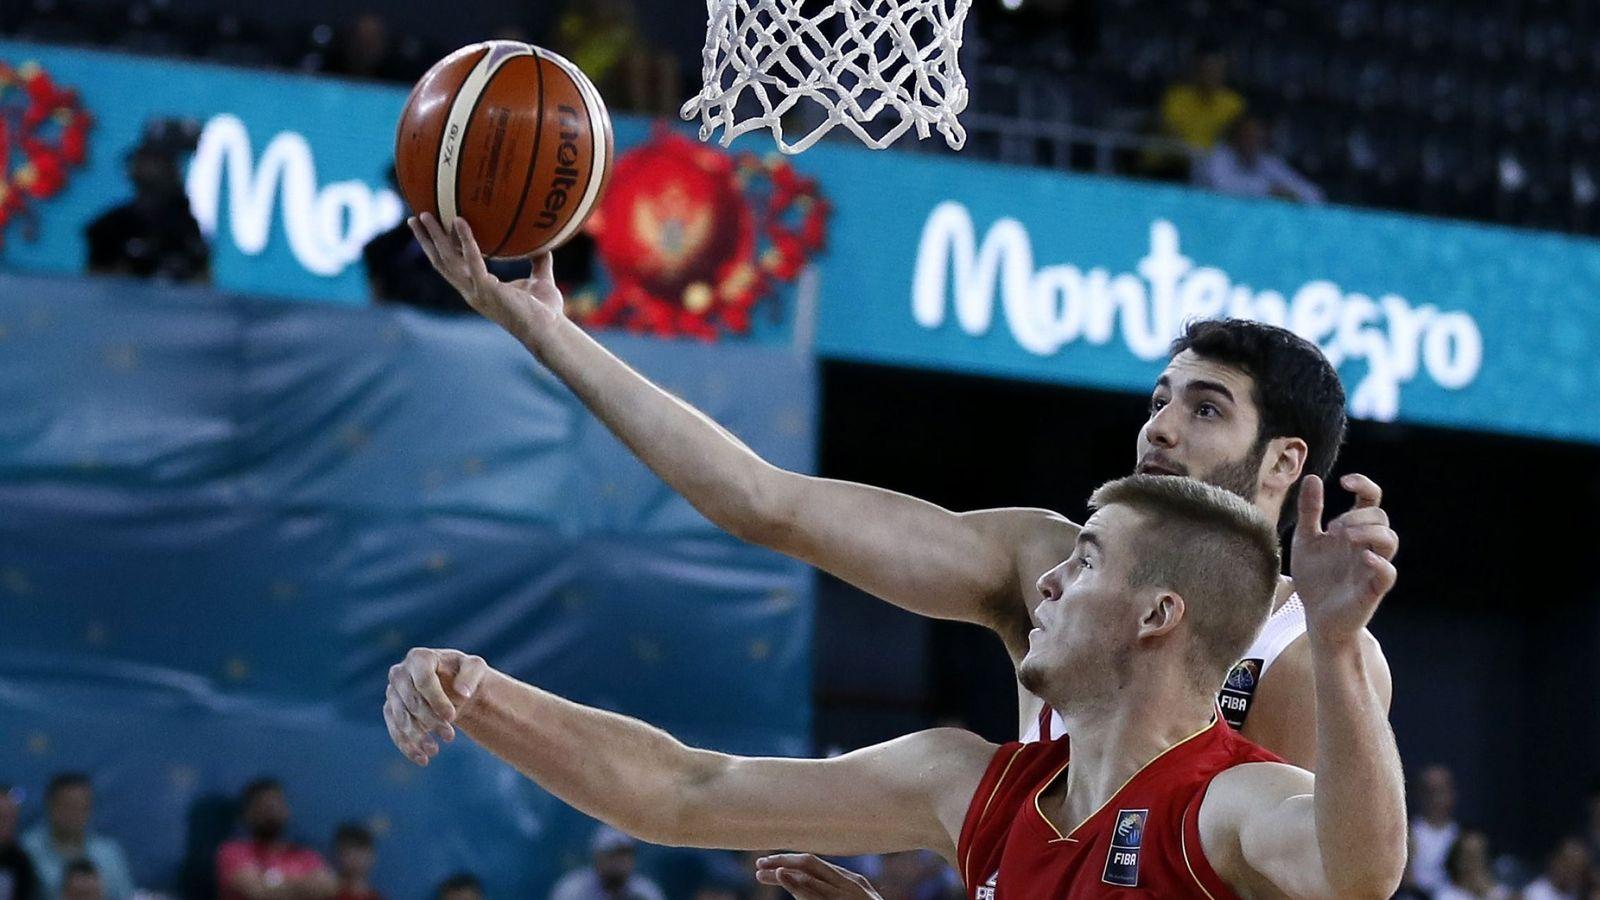 Foto: Álex Abrines fue titular en el España-Montenegro. (EFE)